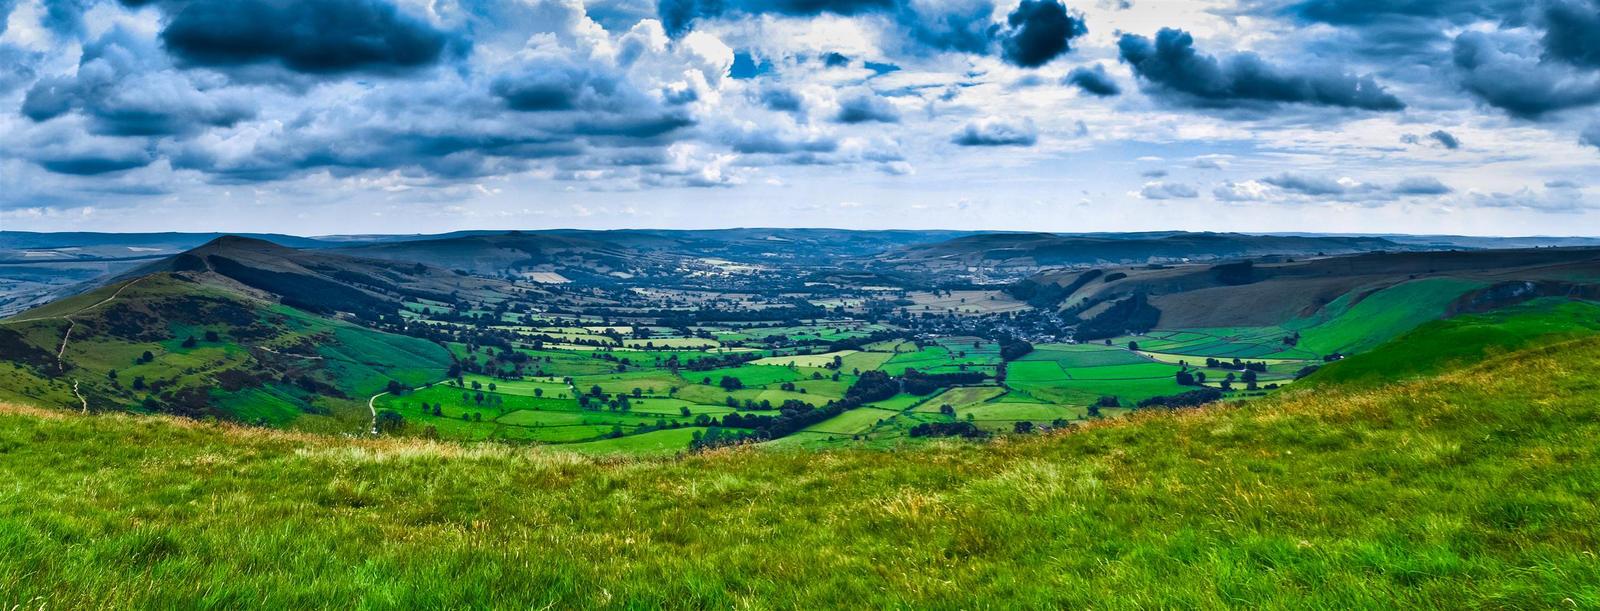 LandScapes: Peak District 015 by letTheColorsRumble